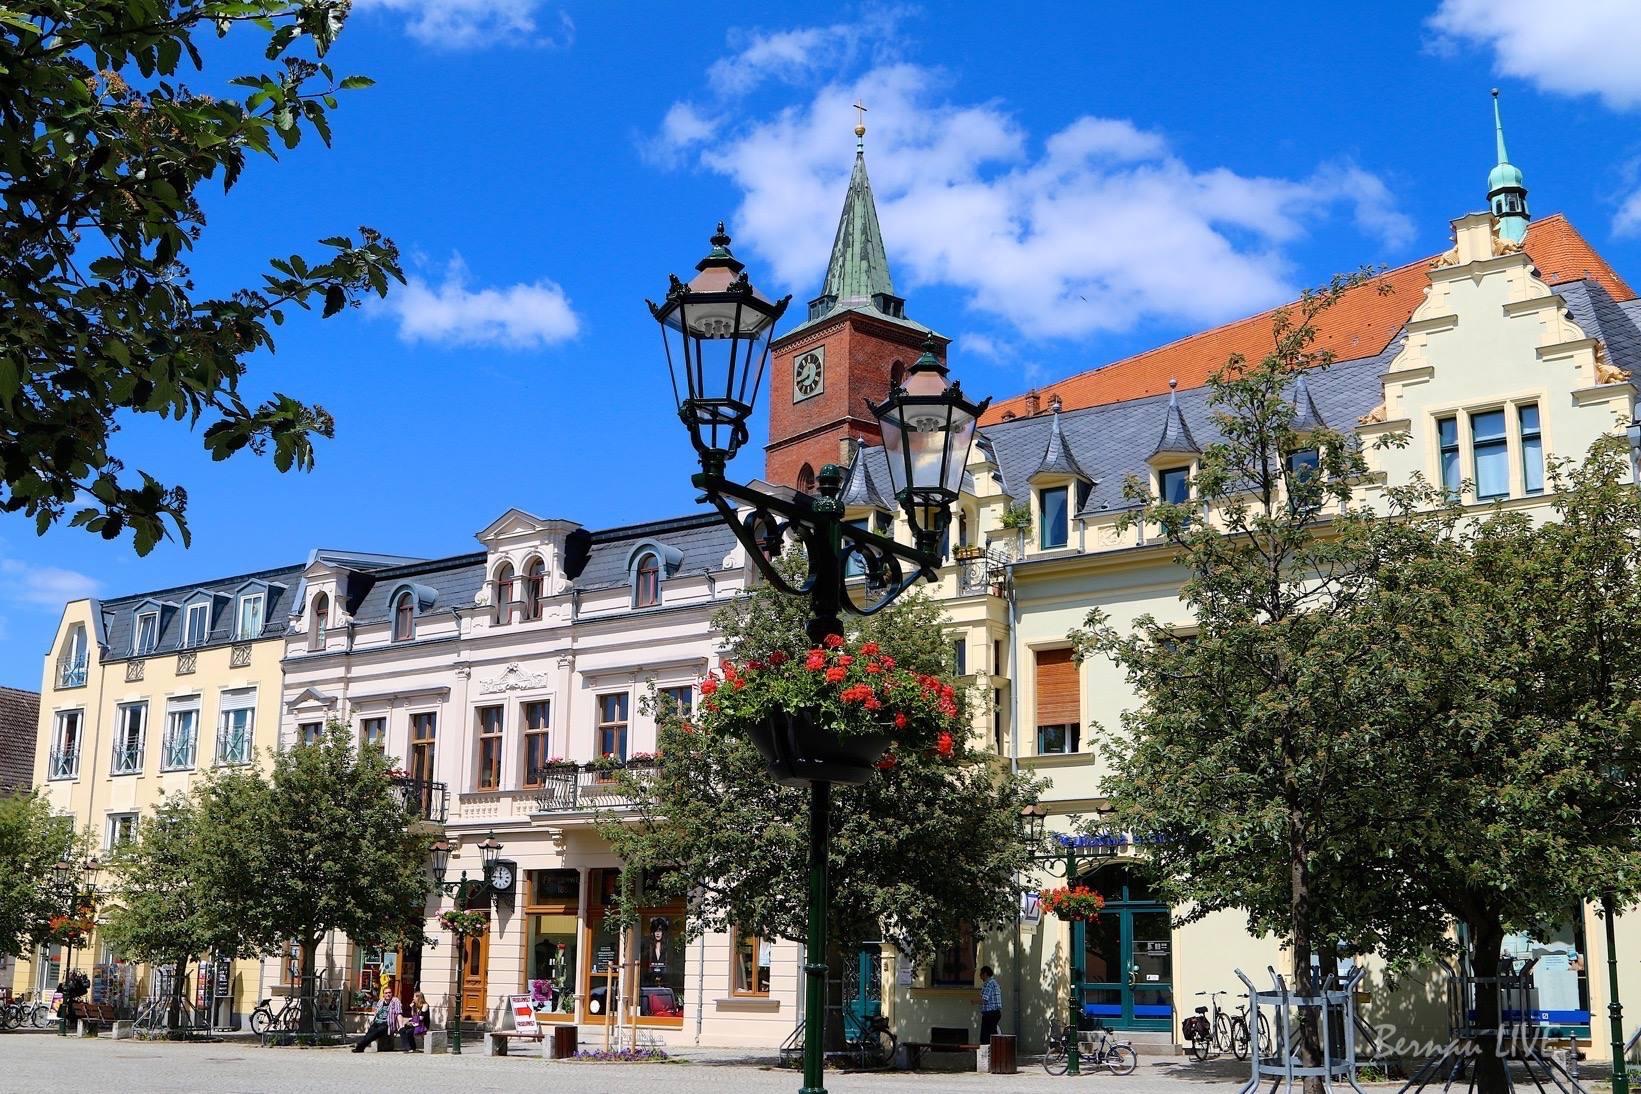 Bernau, Bernau bei Berlin, Barnim, Bernau LIVE, Sommer, Stadt Bernau, Marktplatz Bernau, Sonne